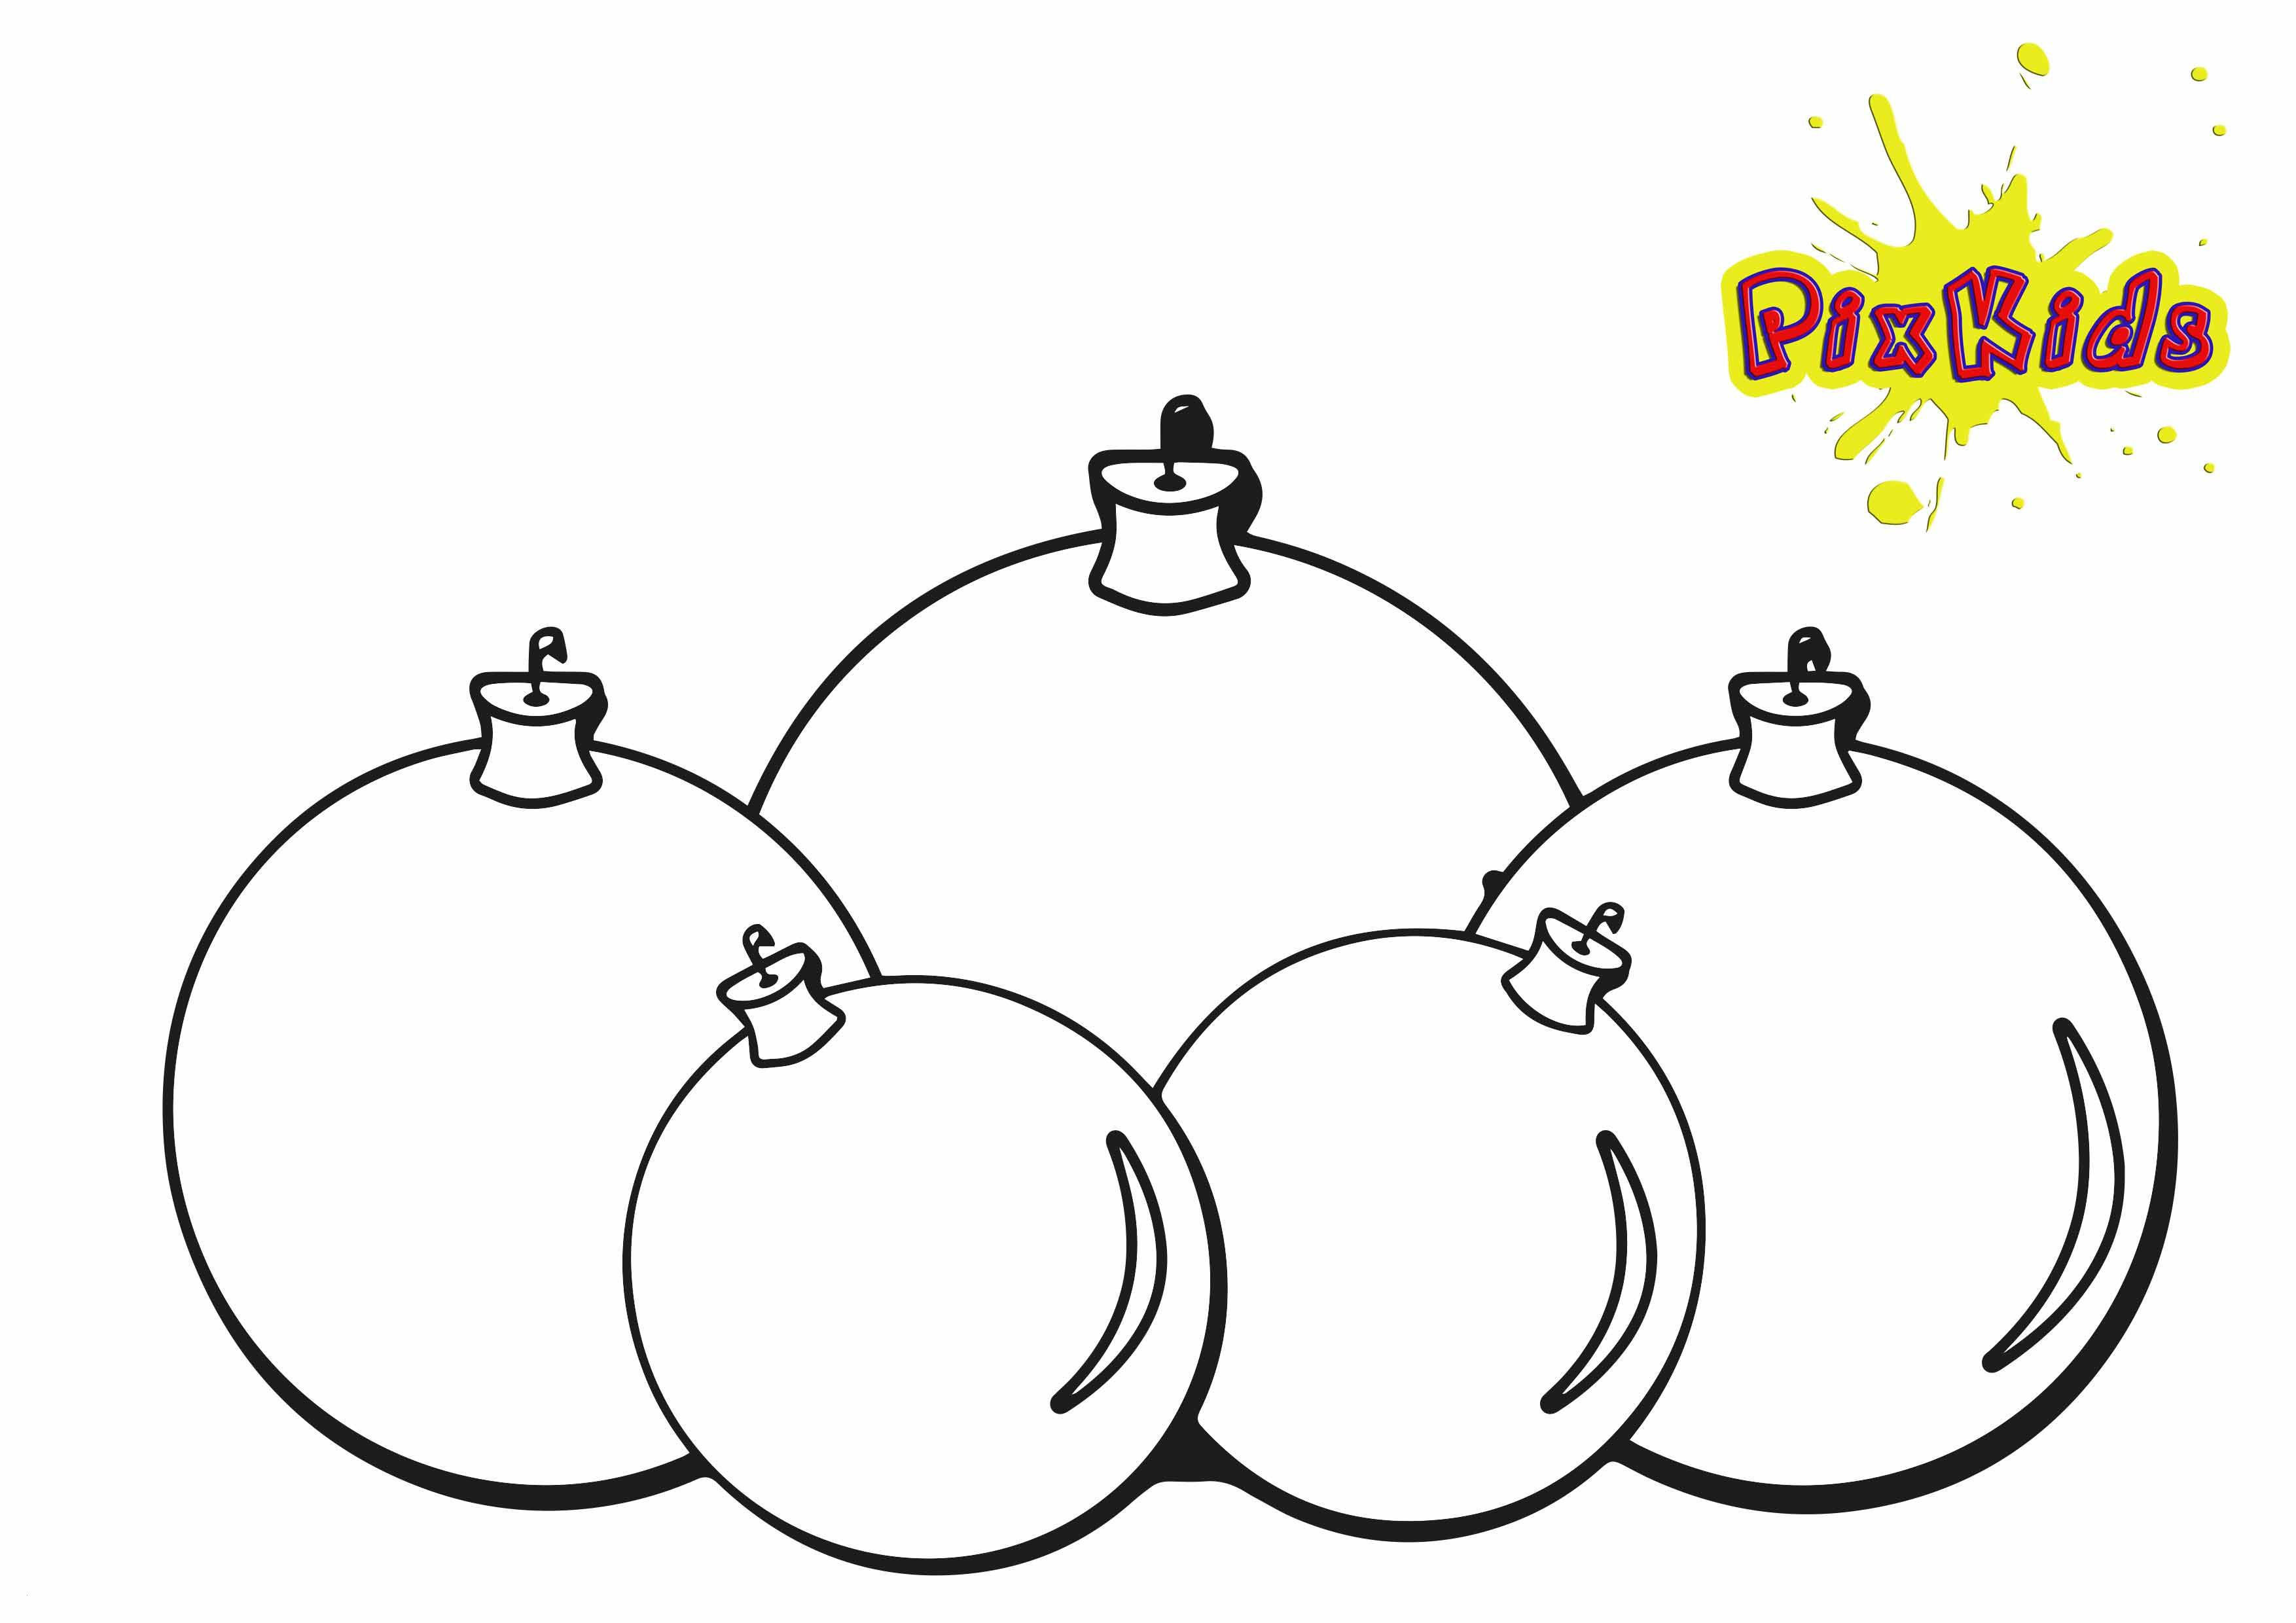 Weihnachts Ausmalbilder Zum Drucken Frisch Malvorlagen Tannenbaum Ausdrucken Frisch Ausmalbilder Stock